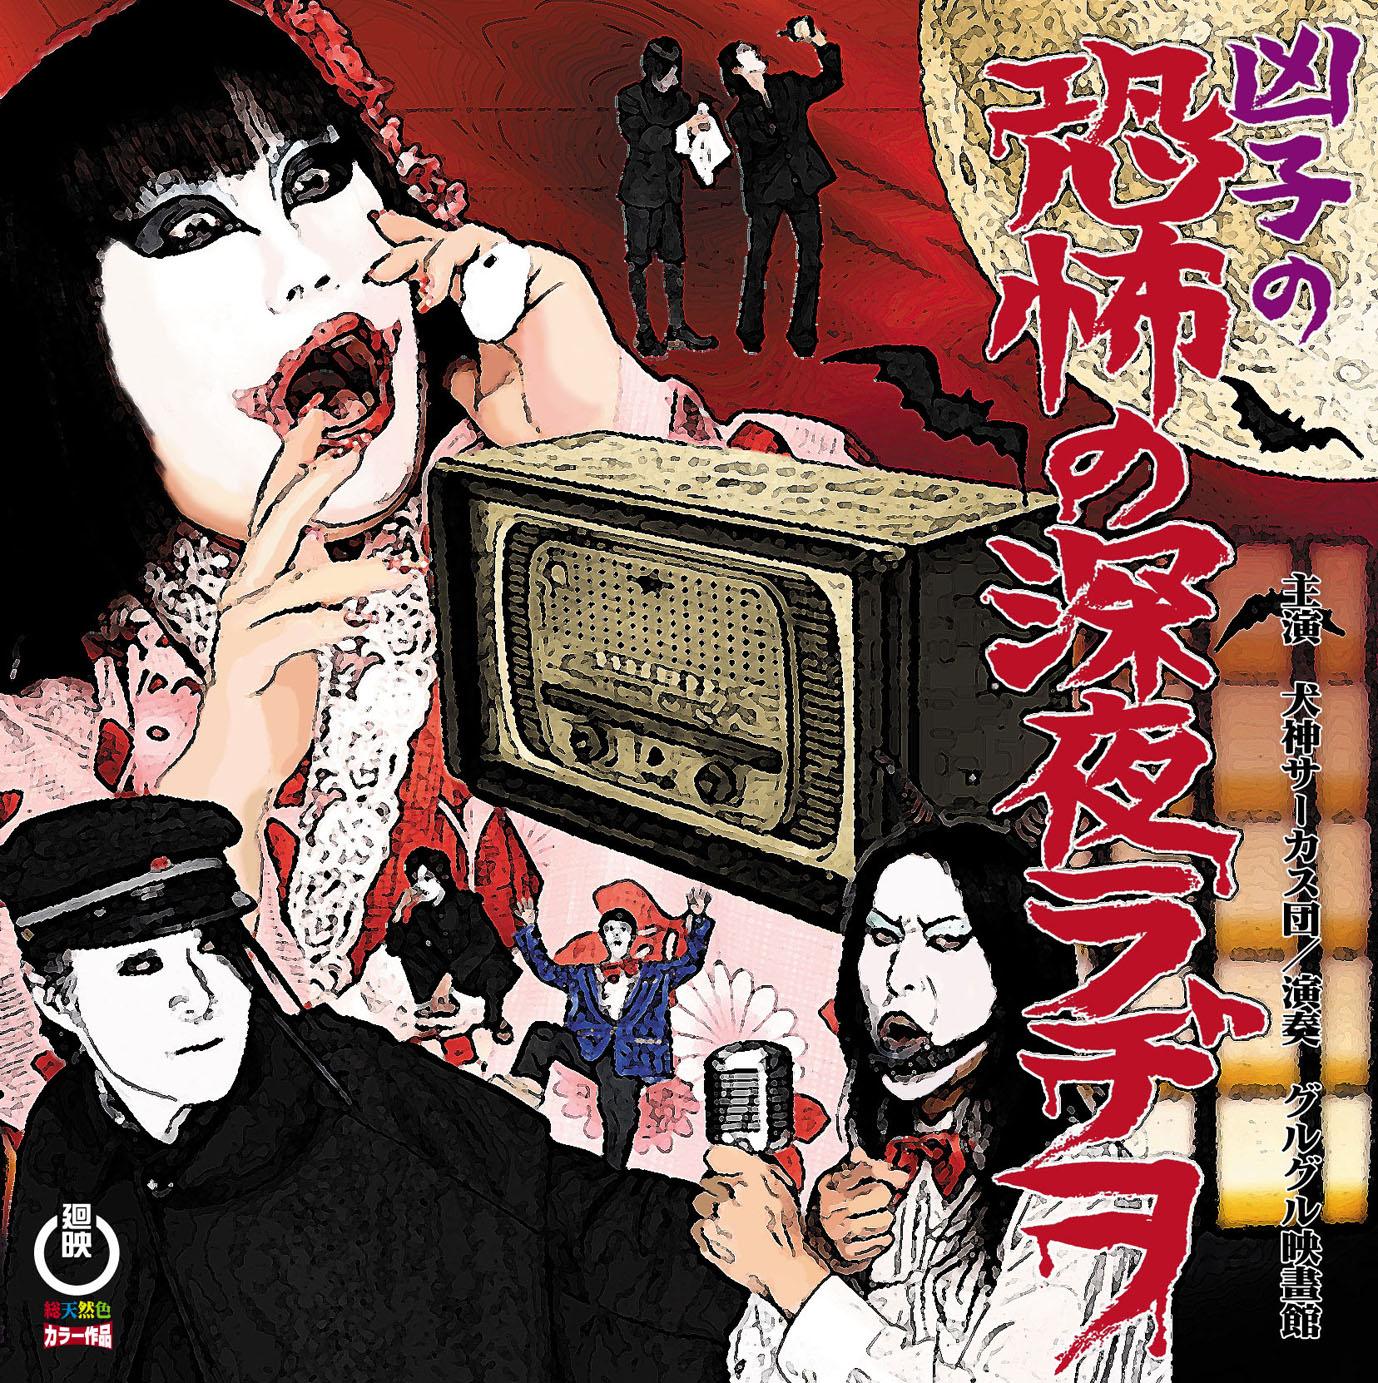 凶子の「恐怖の深夜ラヂヲ」/グルグル映畫館 featuring 犬神サーカス団